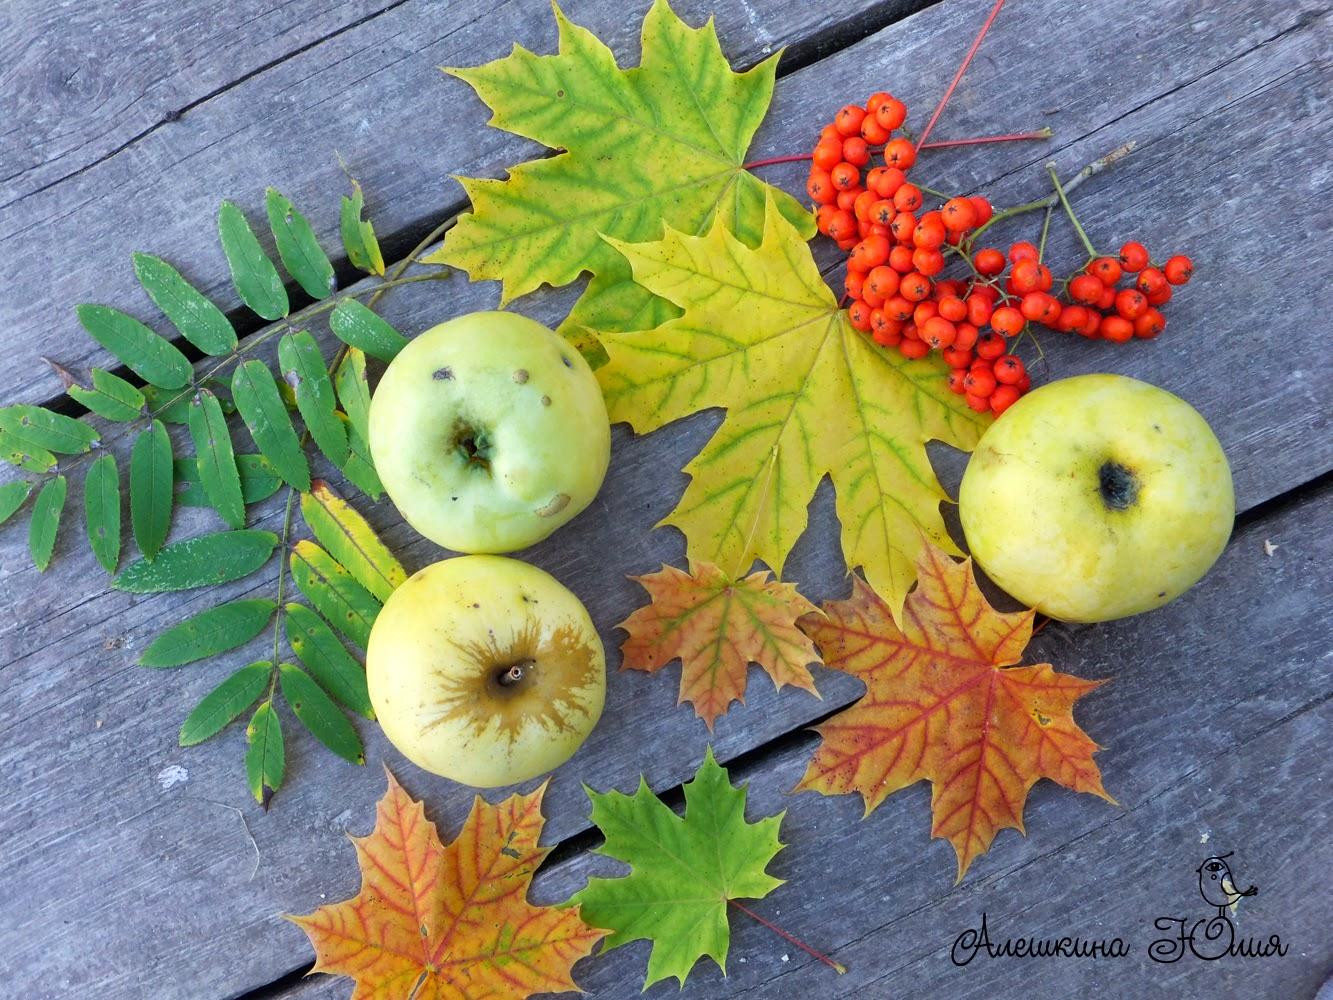 осенний урожай, яблоки, рябина, кленовый листок